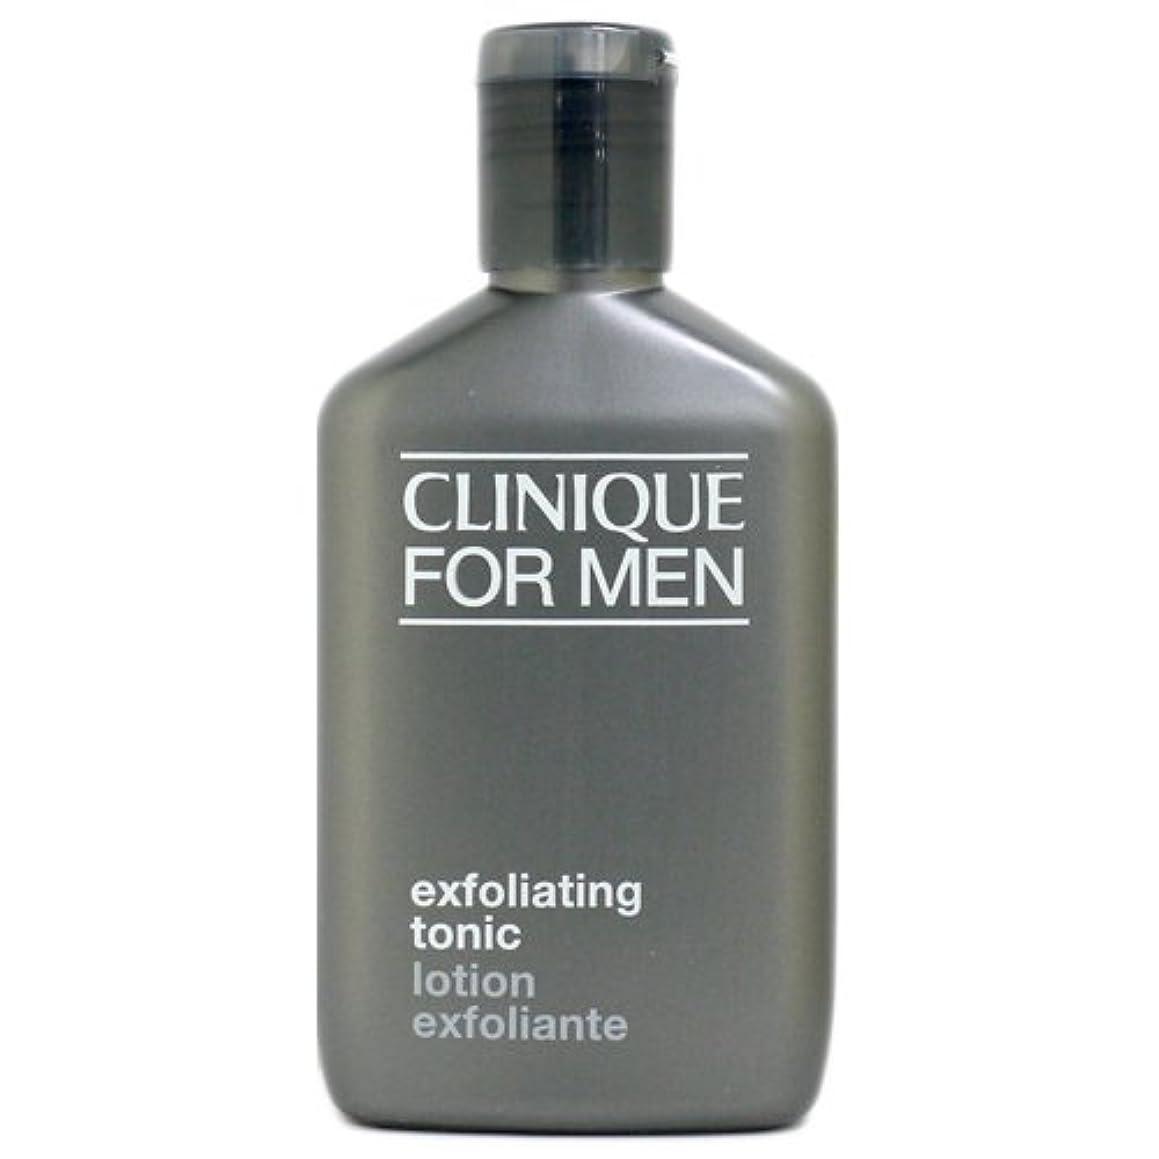 夏傾向がありますブラインドクリニークフォーメン(CLINIQUE FOR MEN) エクスフォリエーティング トニック 200ml[並行輸入品]